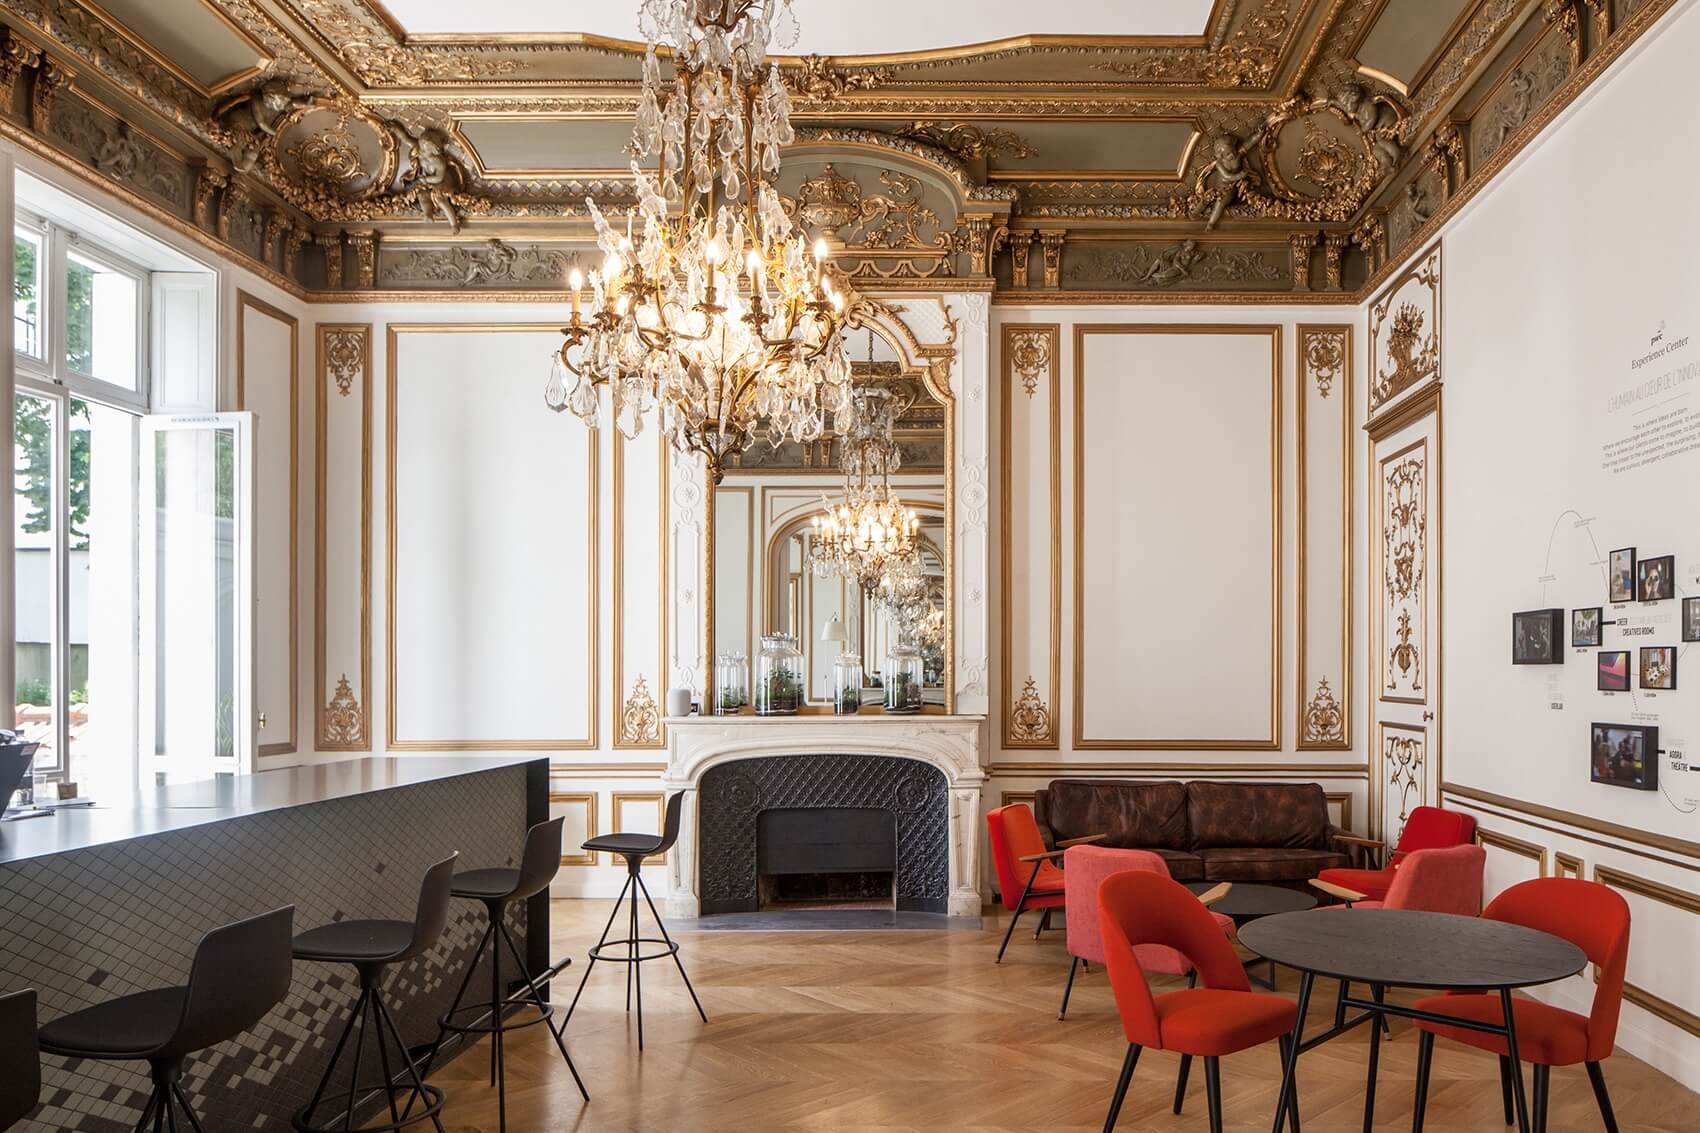 Trần nhà được chạm khắc tinh xảo trong phong cách thiết kế France